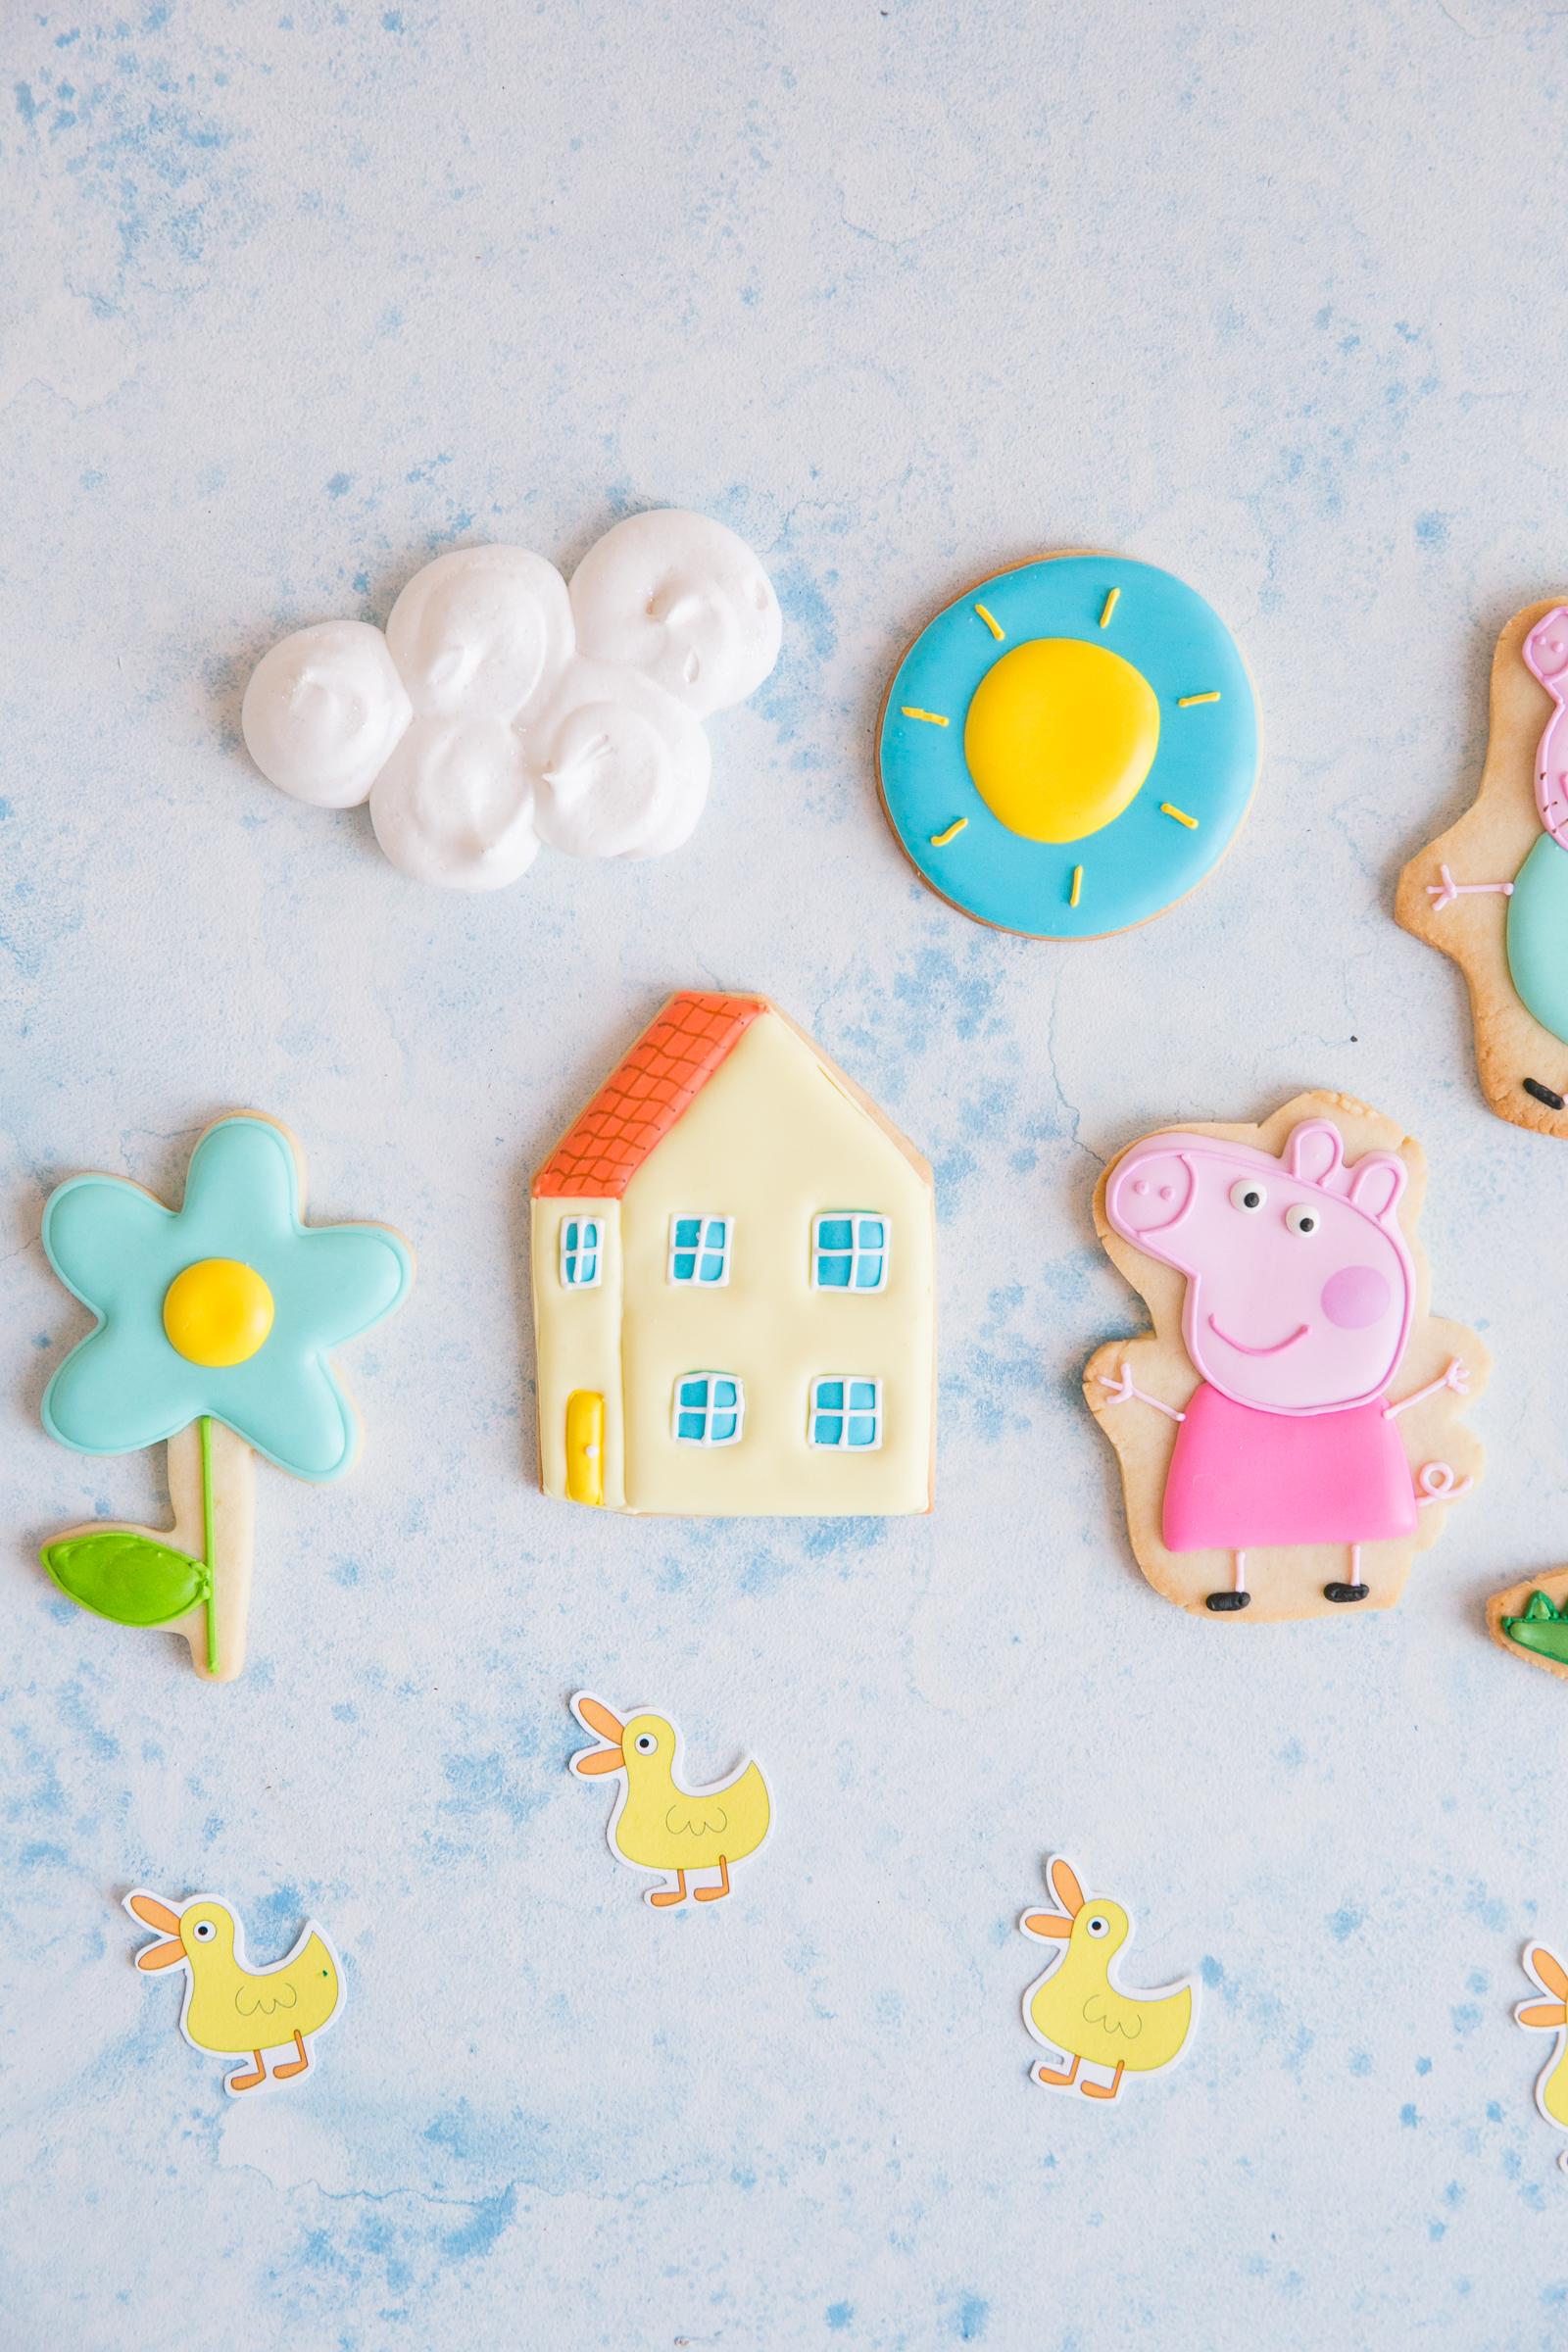 Oui Party - Peppa Pig Party - Peppa Pig Cookies 2.jpg